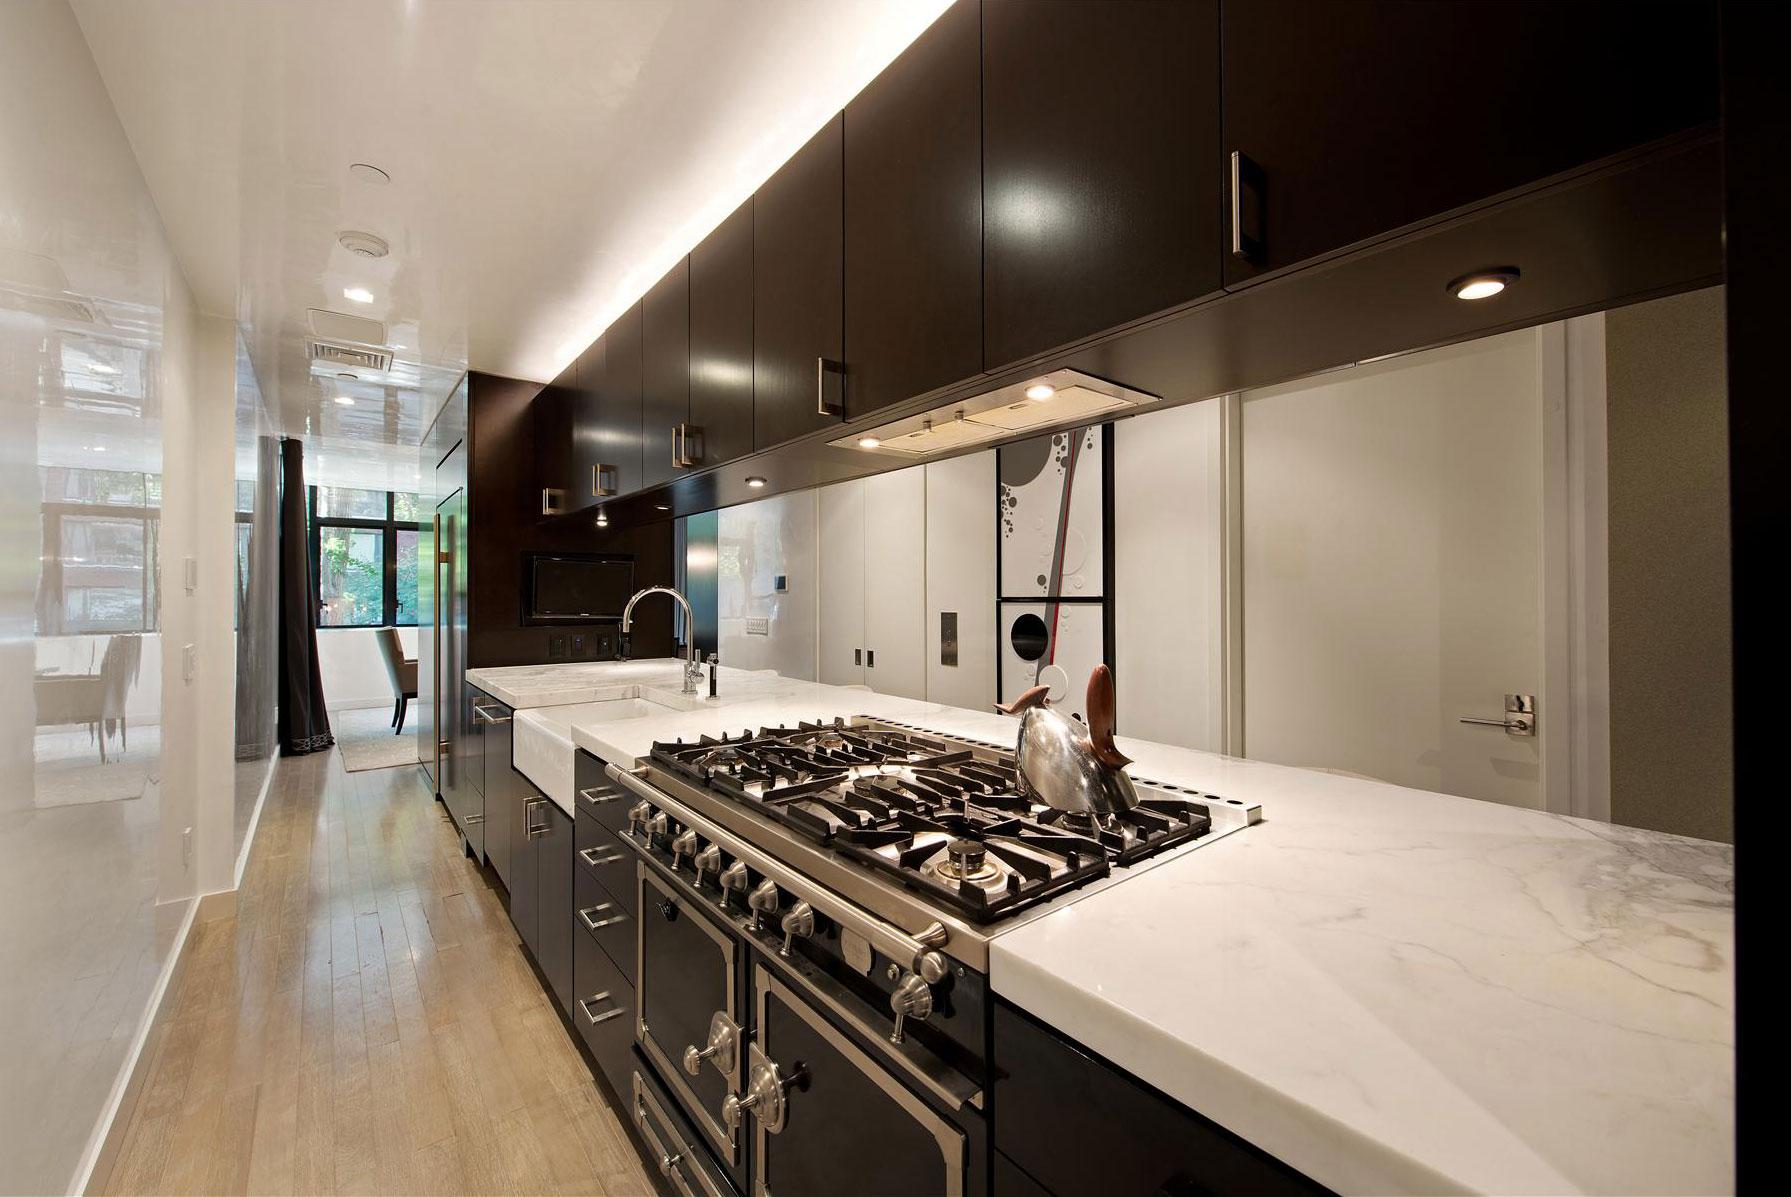 Мраморные столешницы для интерьера кухни - Фото 39